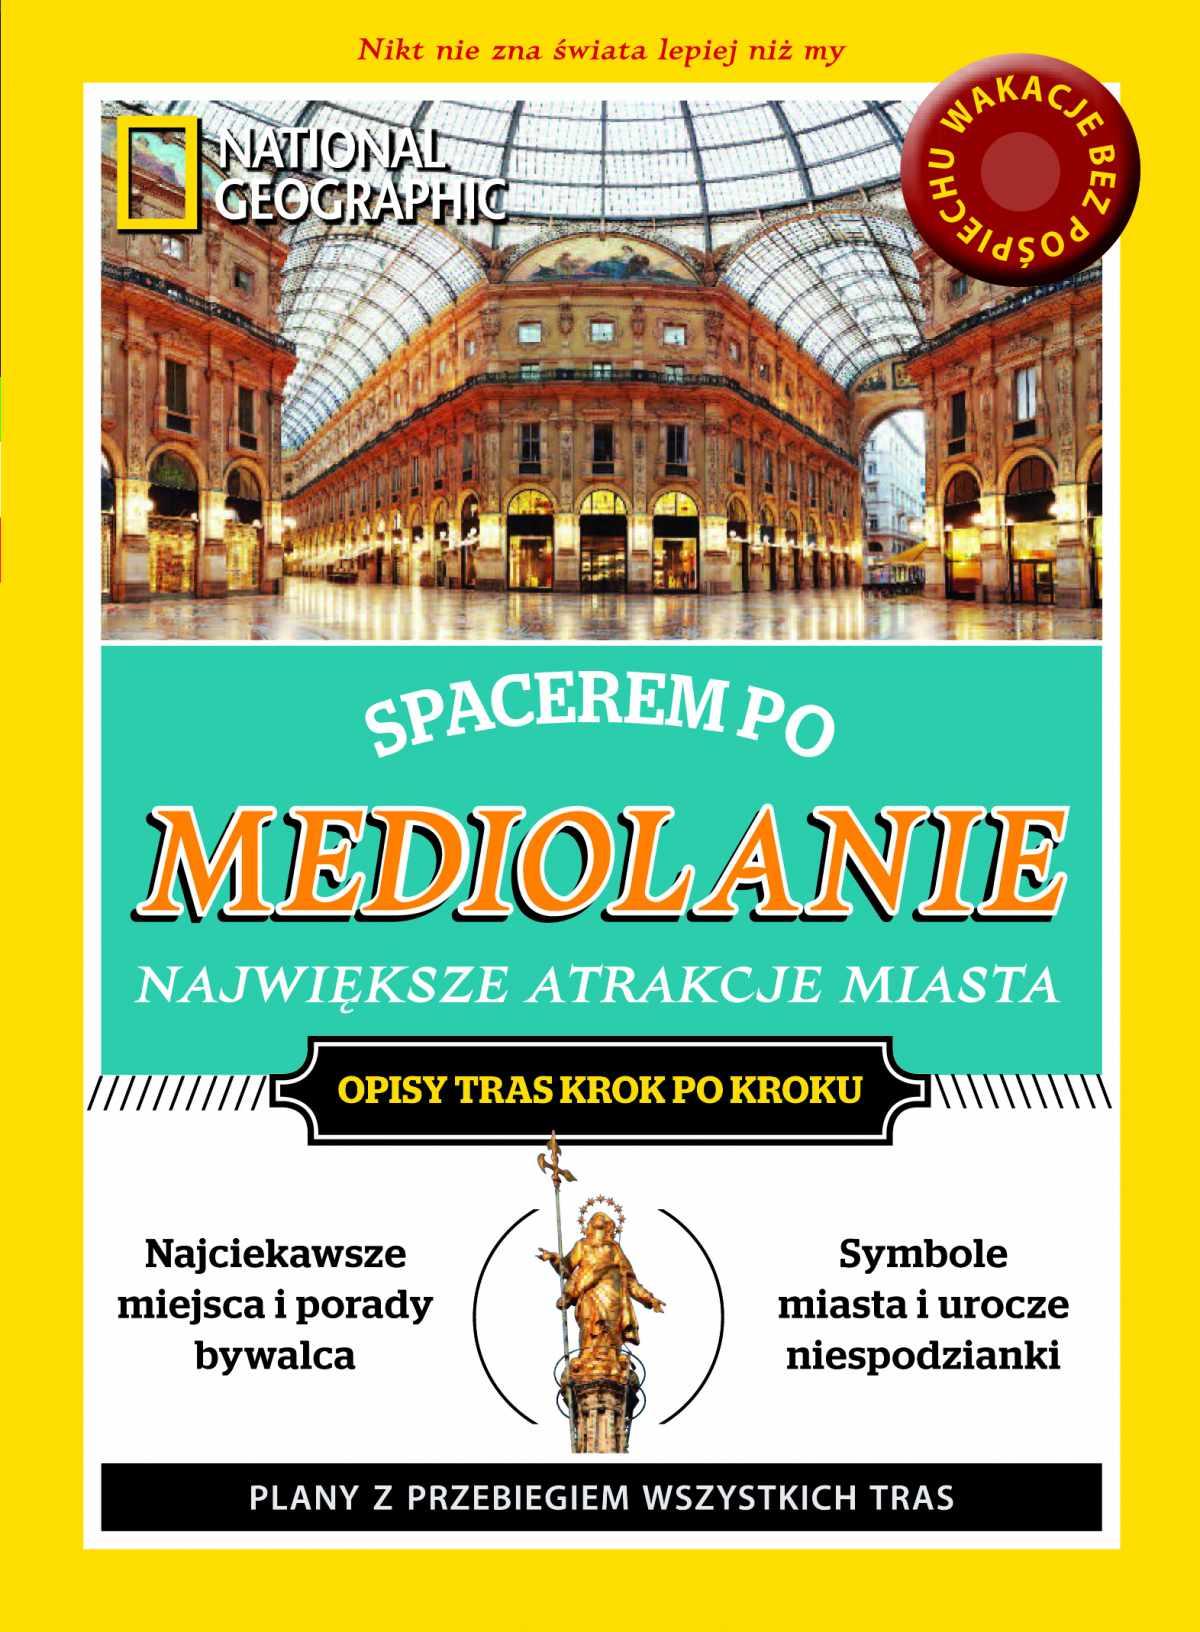 Spacerem po Mediolanie - Ebook (Książka na Kindle) do pobrania w formacie MOBI